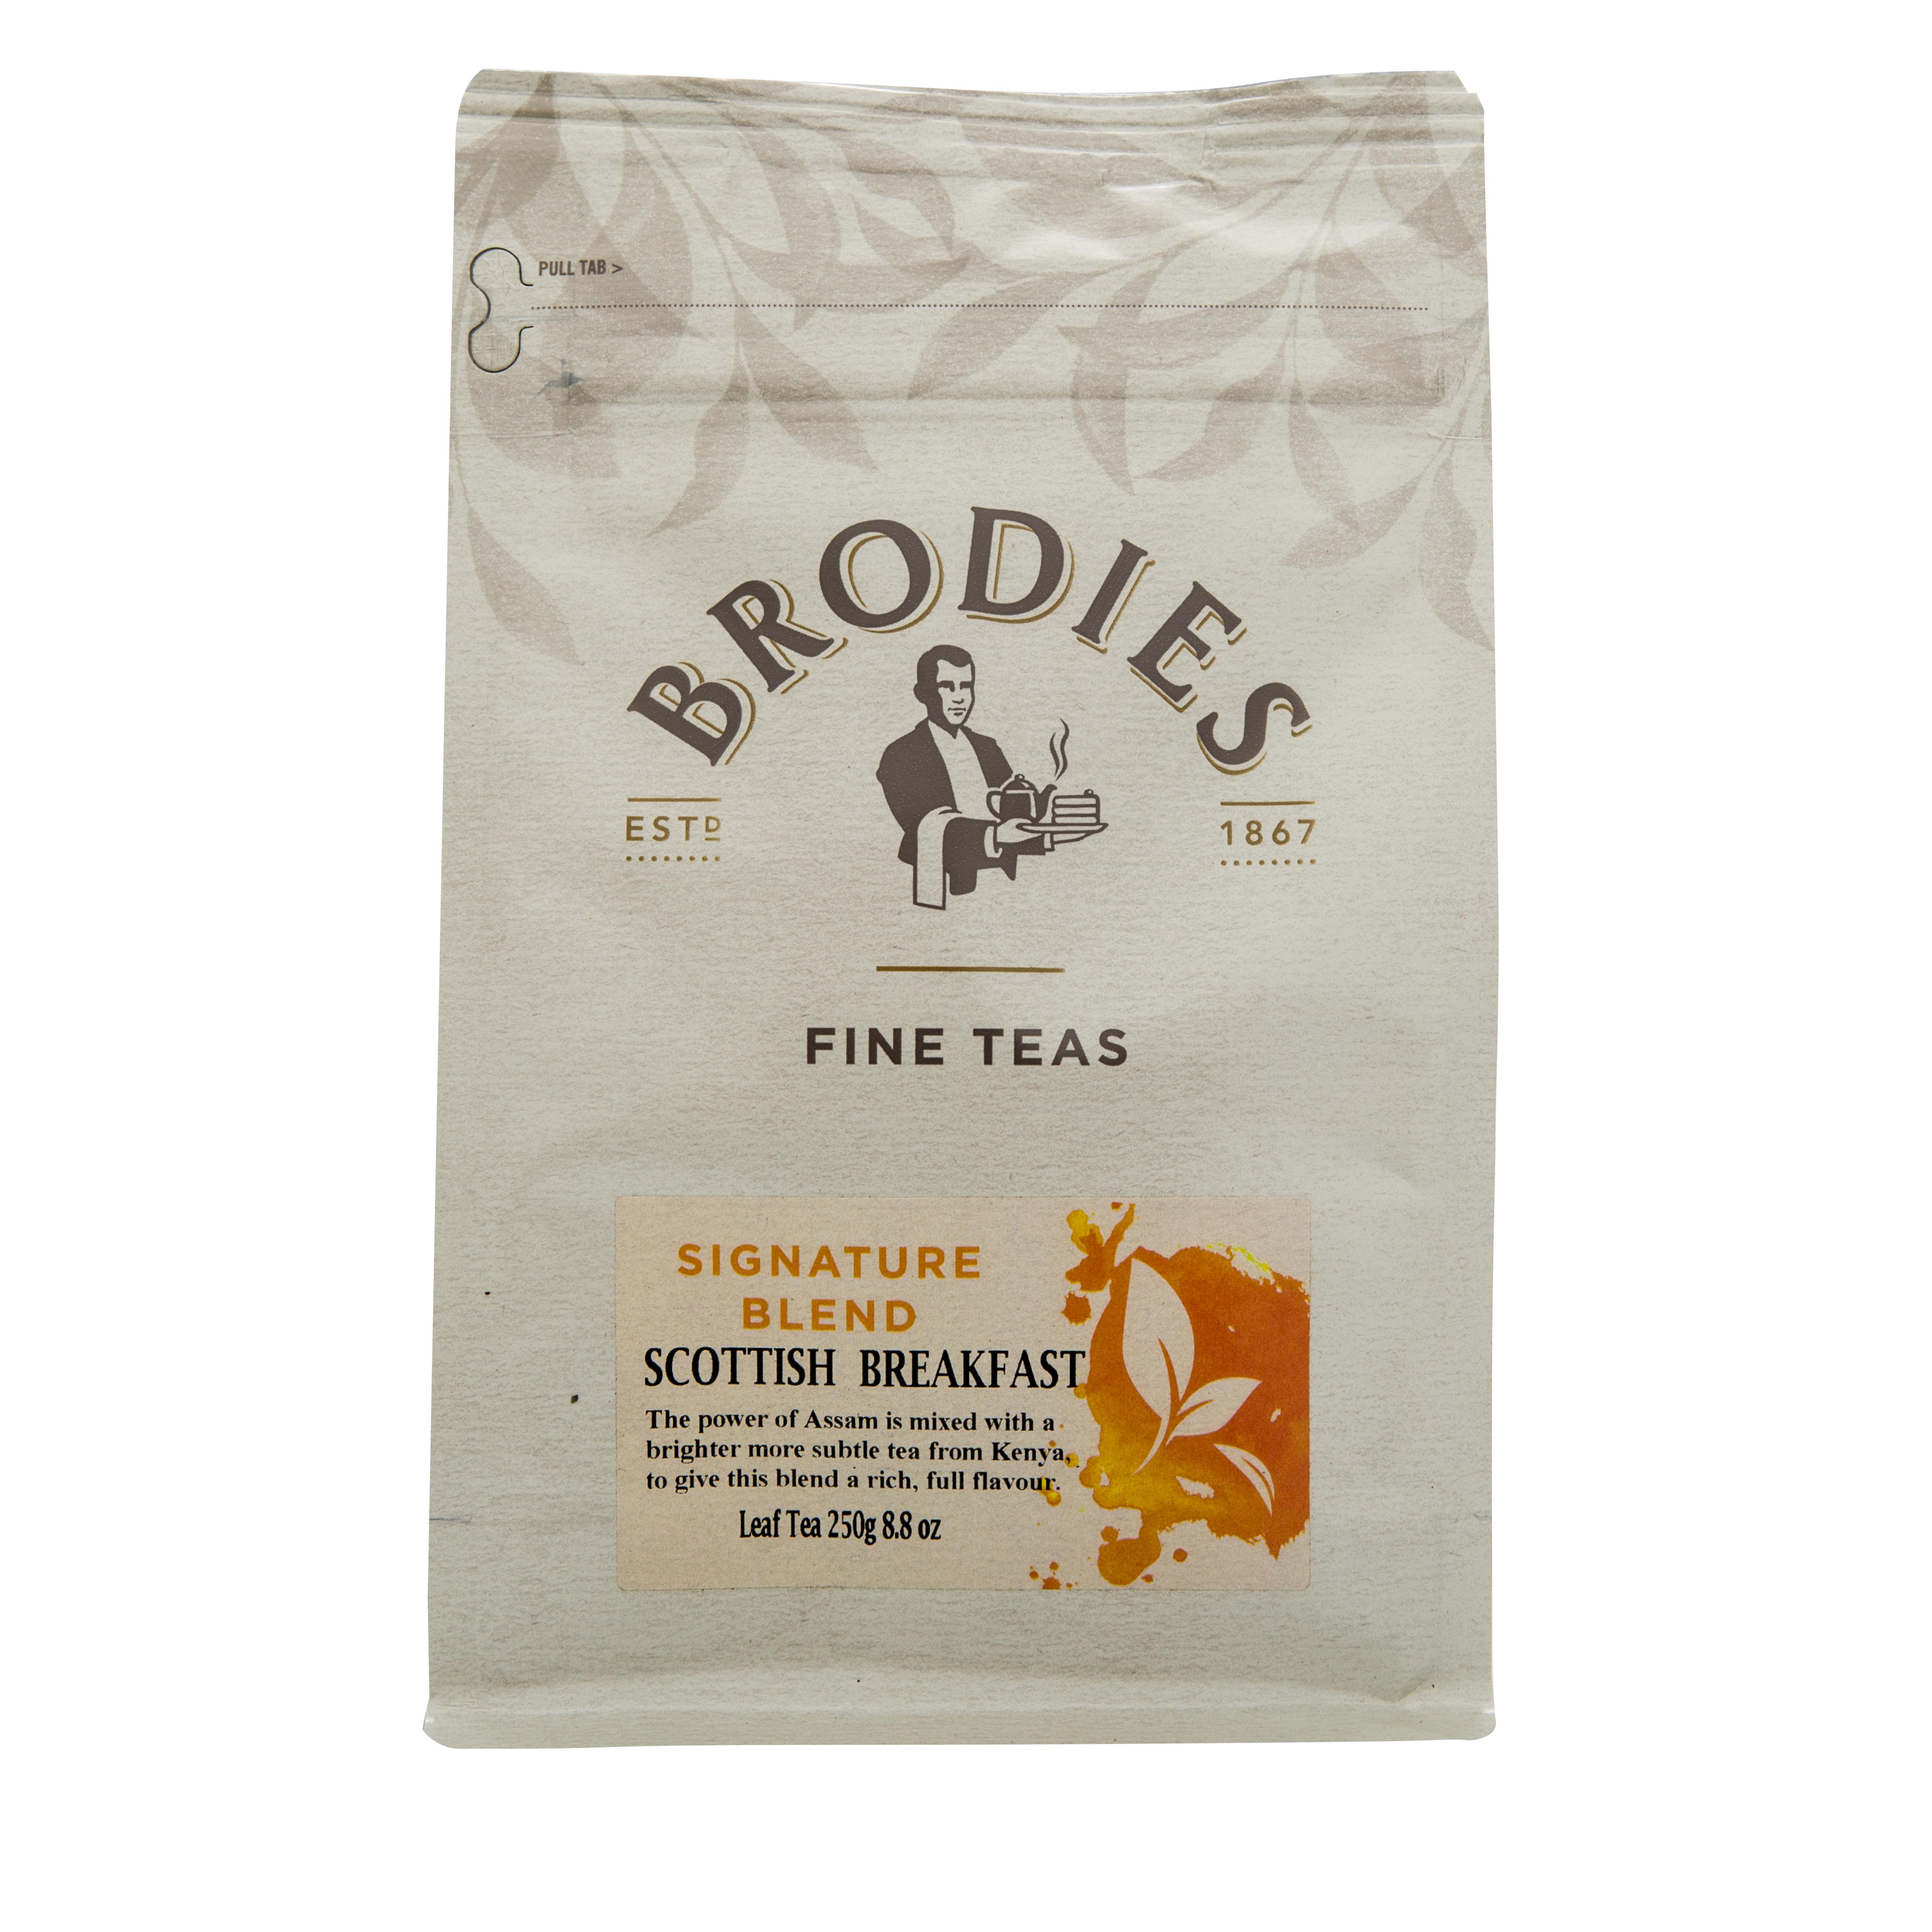 Brodies Scottish Breakfast Leaf Tea Pouch